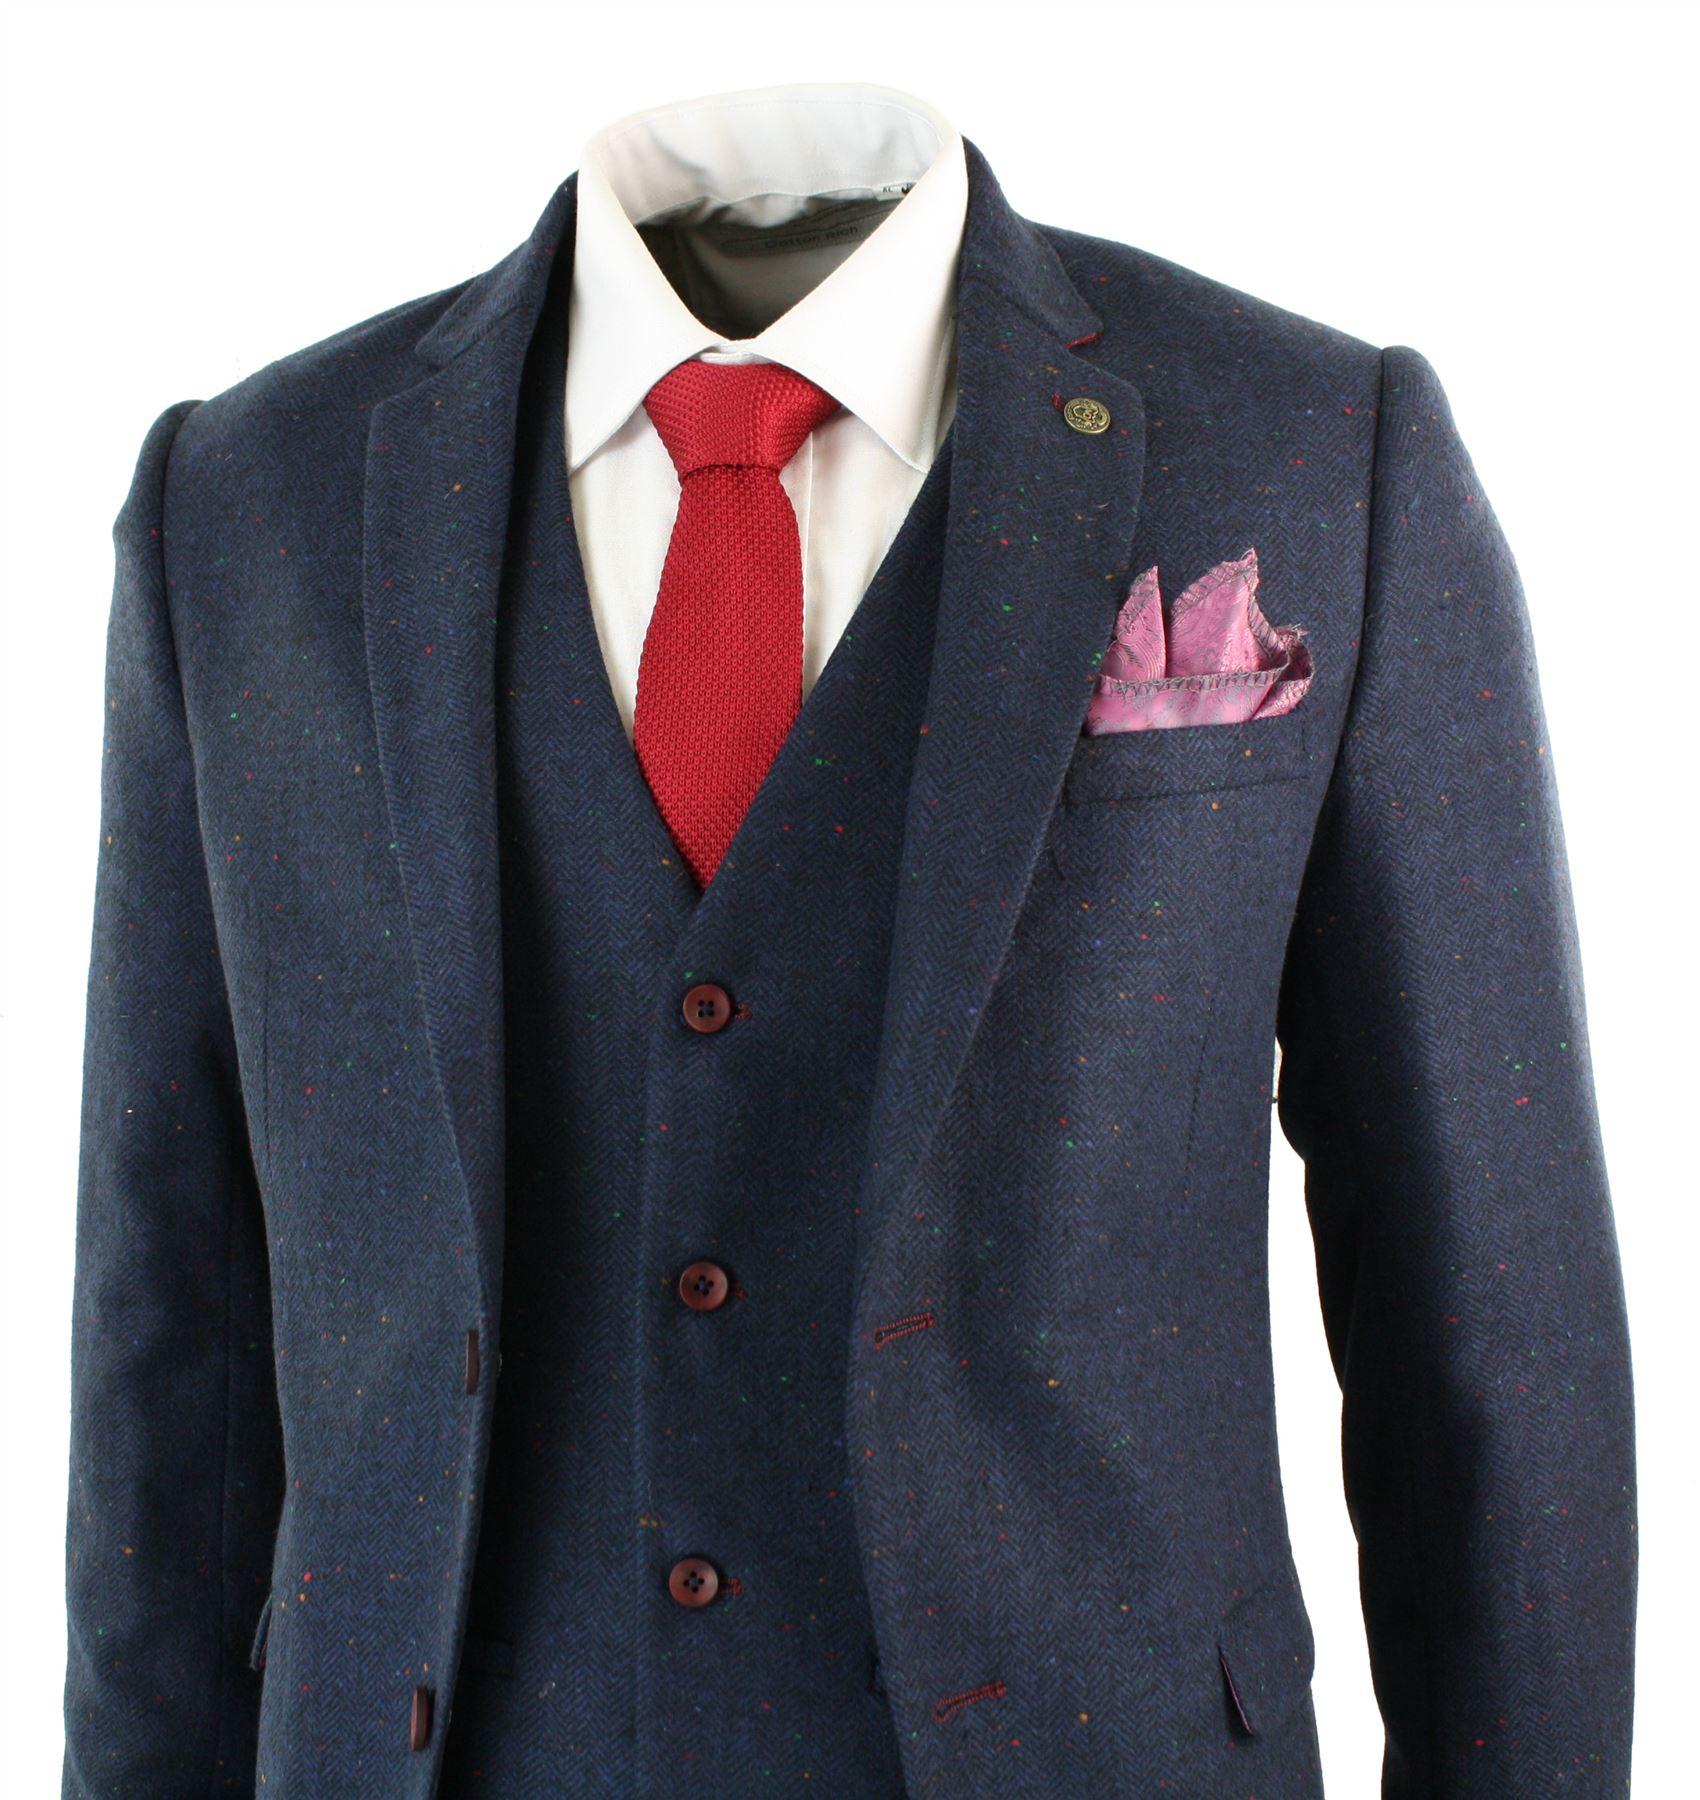 Herrenanzug 3 Teilig Marc Darcy Blau Tweed Fischgräte Design Retro Vintage